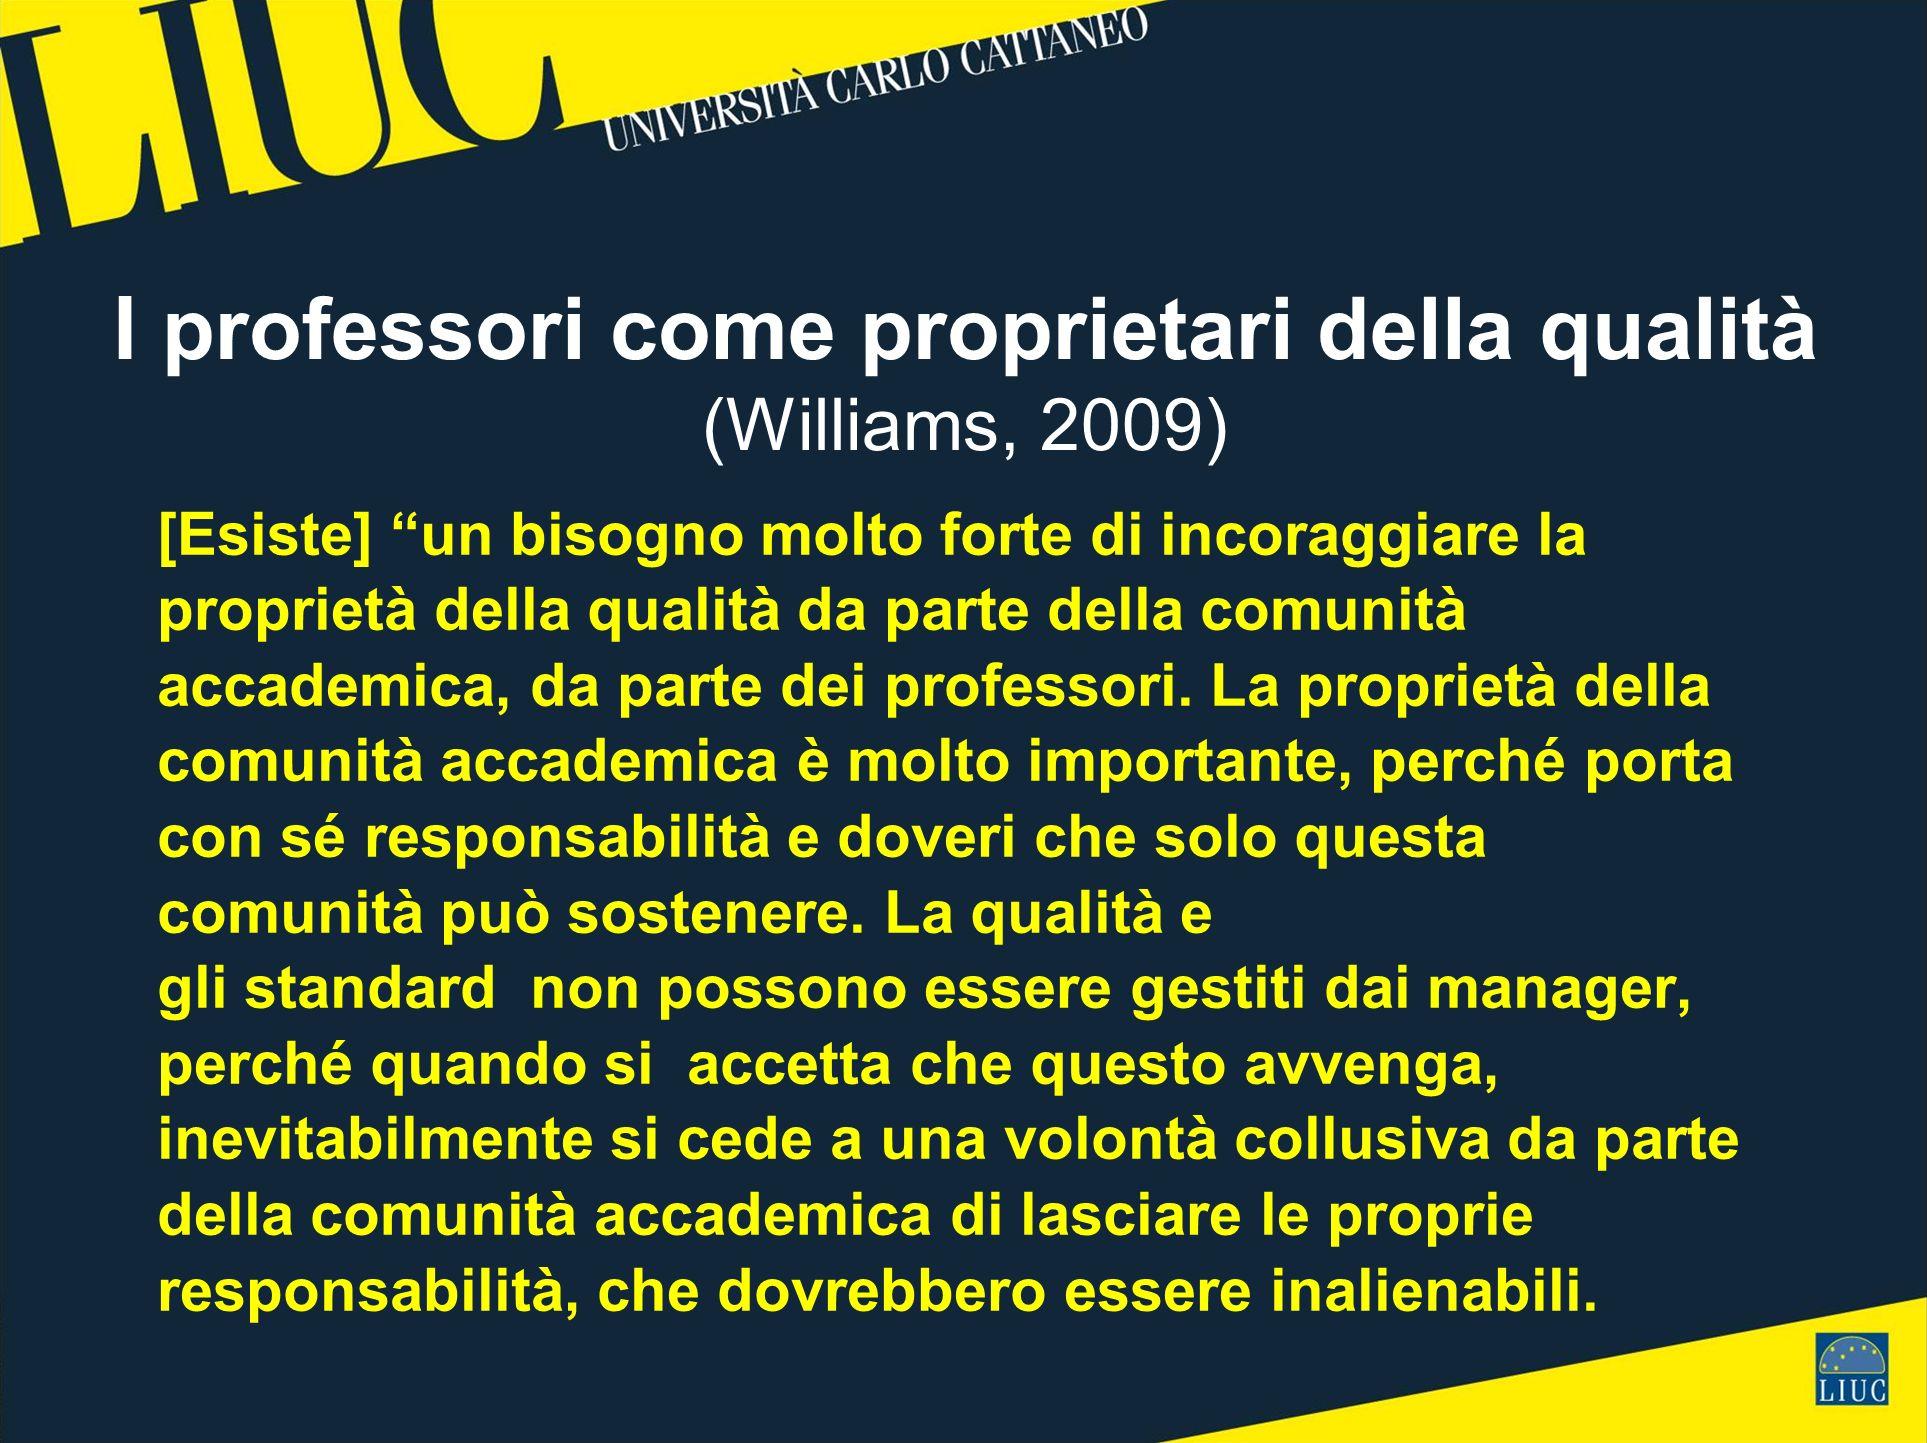 [Esiste] un bisogno molto forte di incoraggiare la proprietà della qualità da parte della comunità accademica, da parte dei professori.